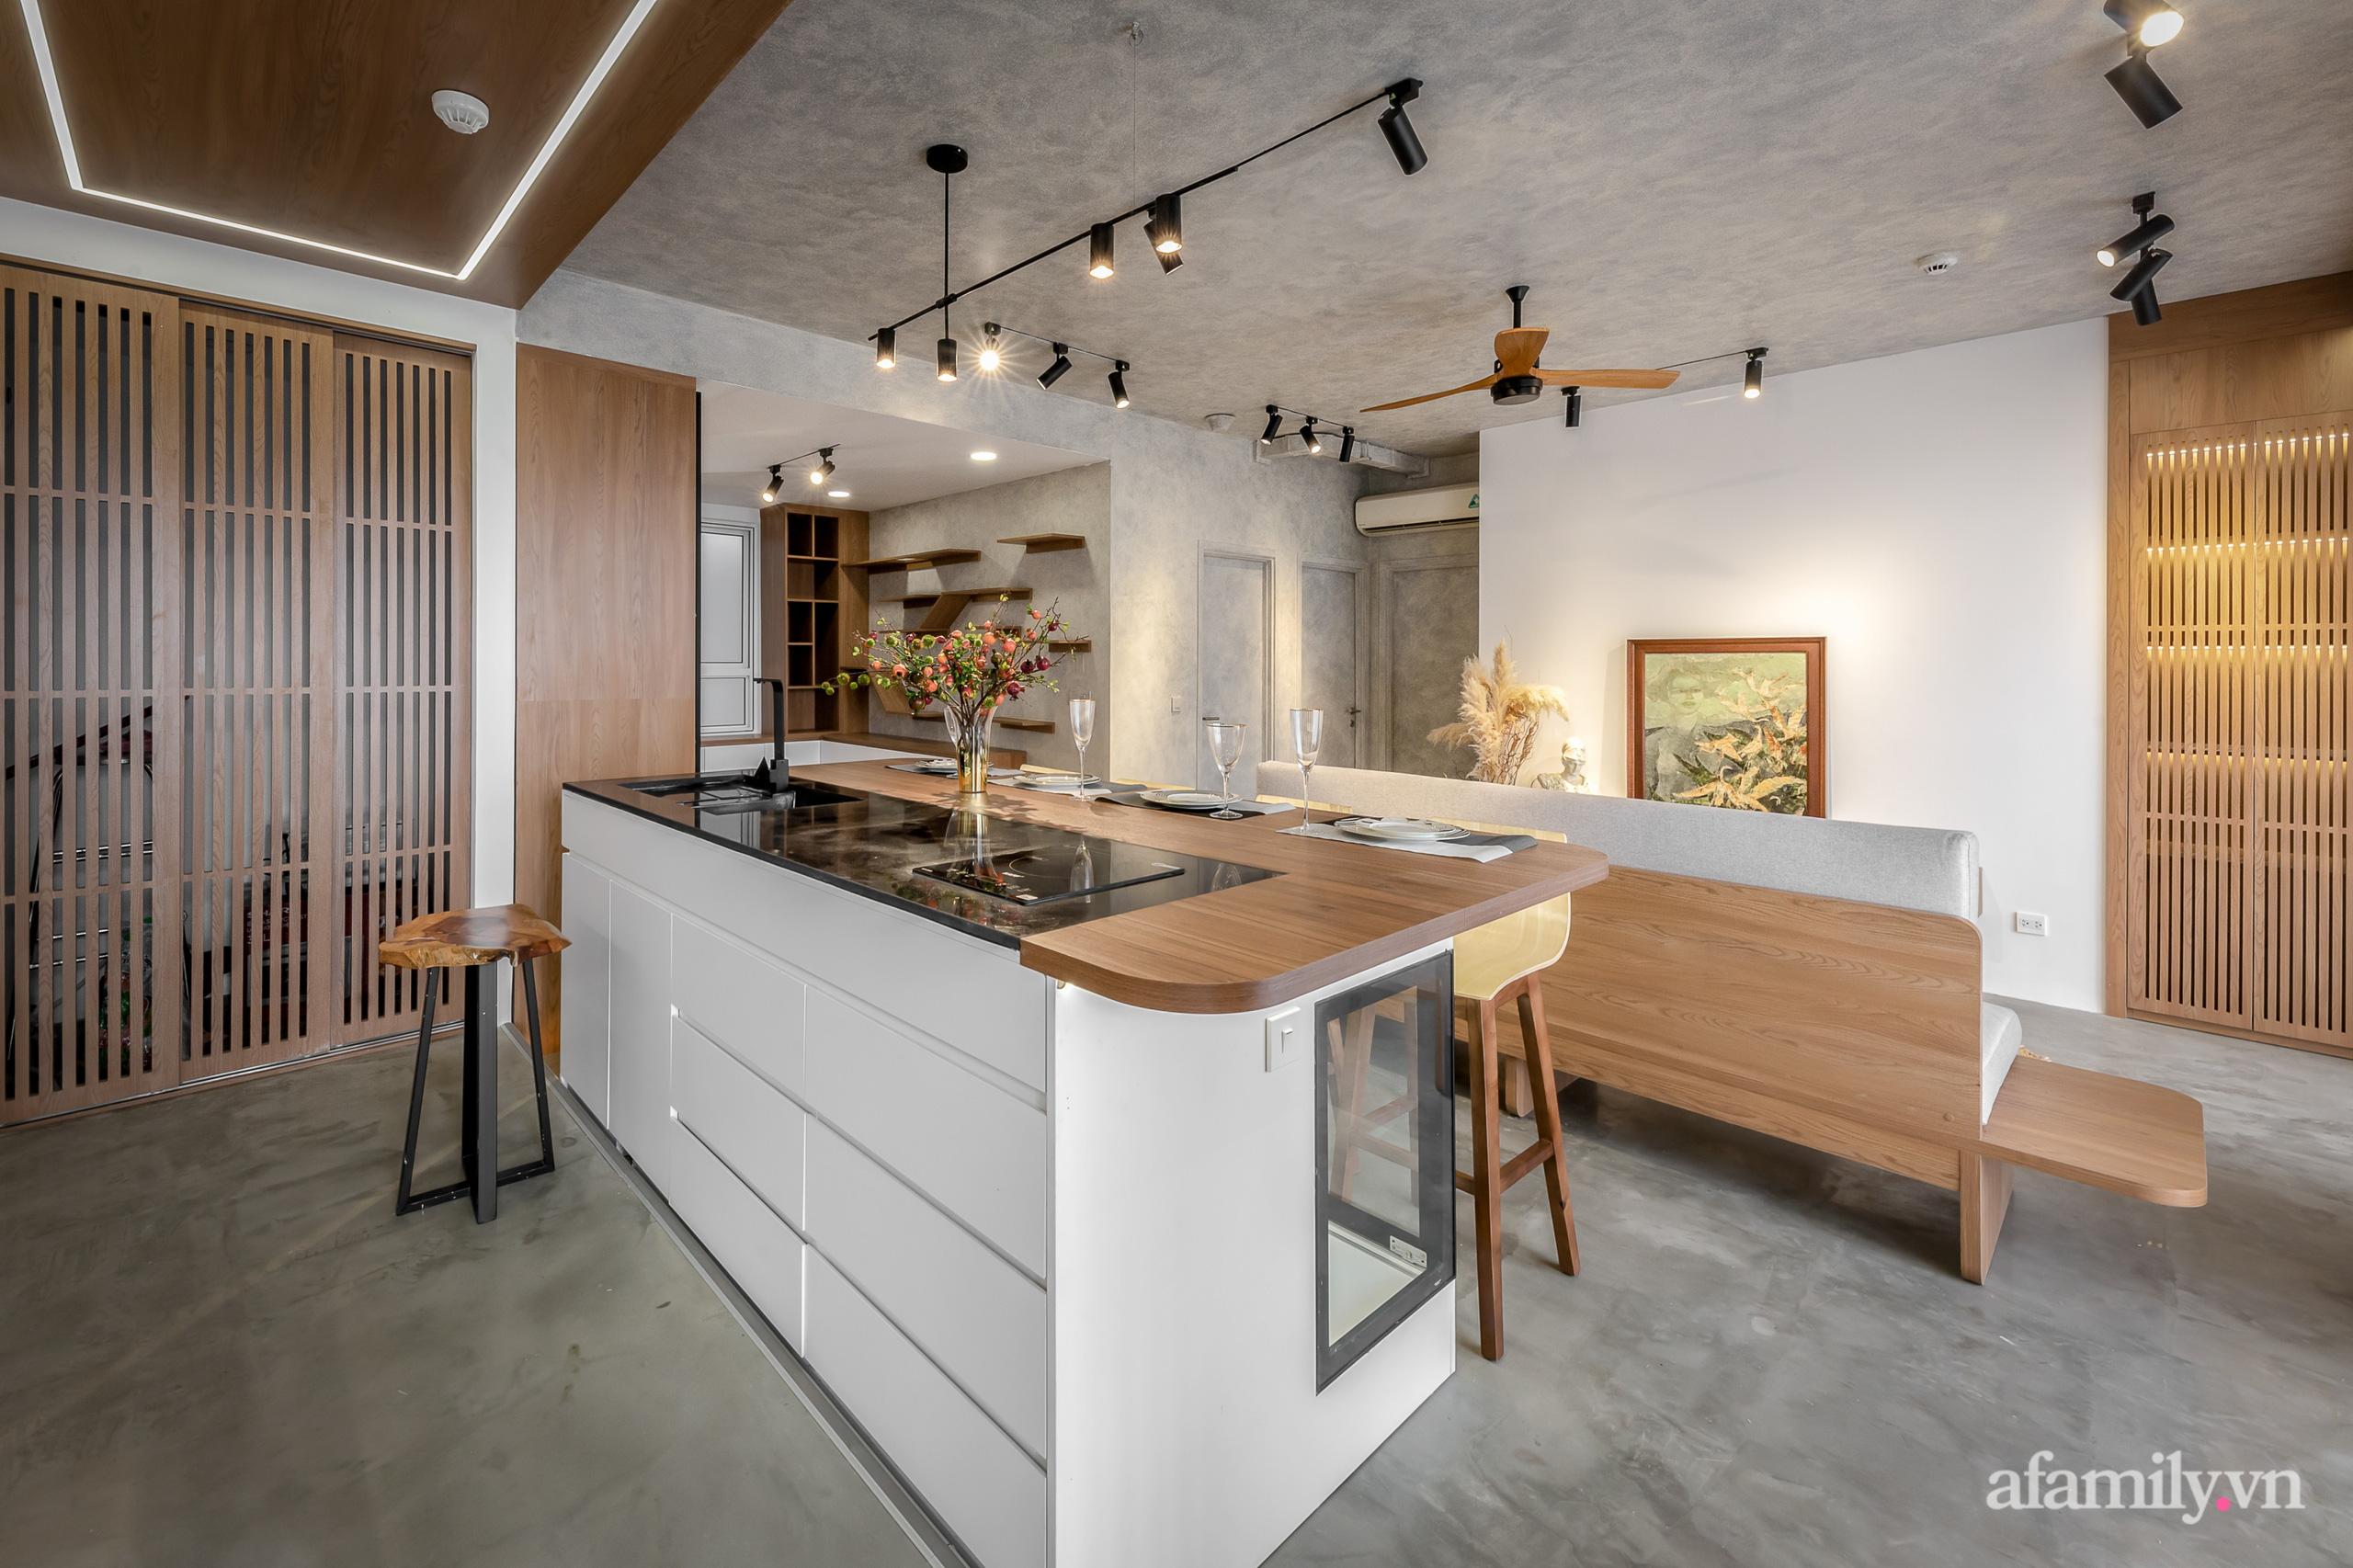 Căn hộ 106m² đẹp cá tính với hiệu ứng bê tông cùng phong cách tối giản có chi phí hoàn thiện 950 triệu đồng ở Sài Gòn - Ảnh 6.